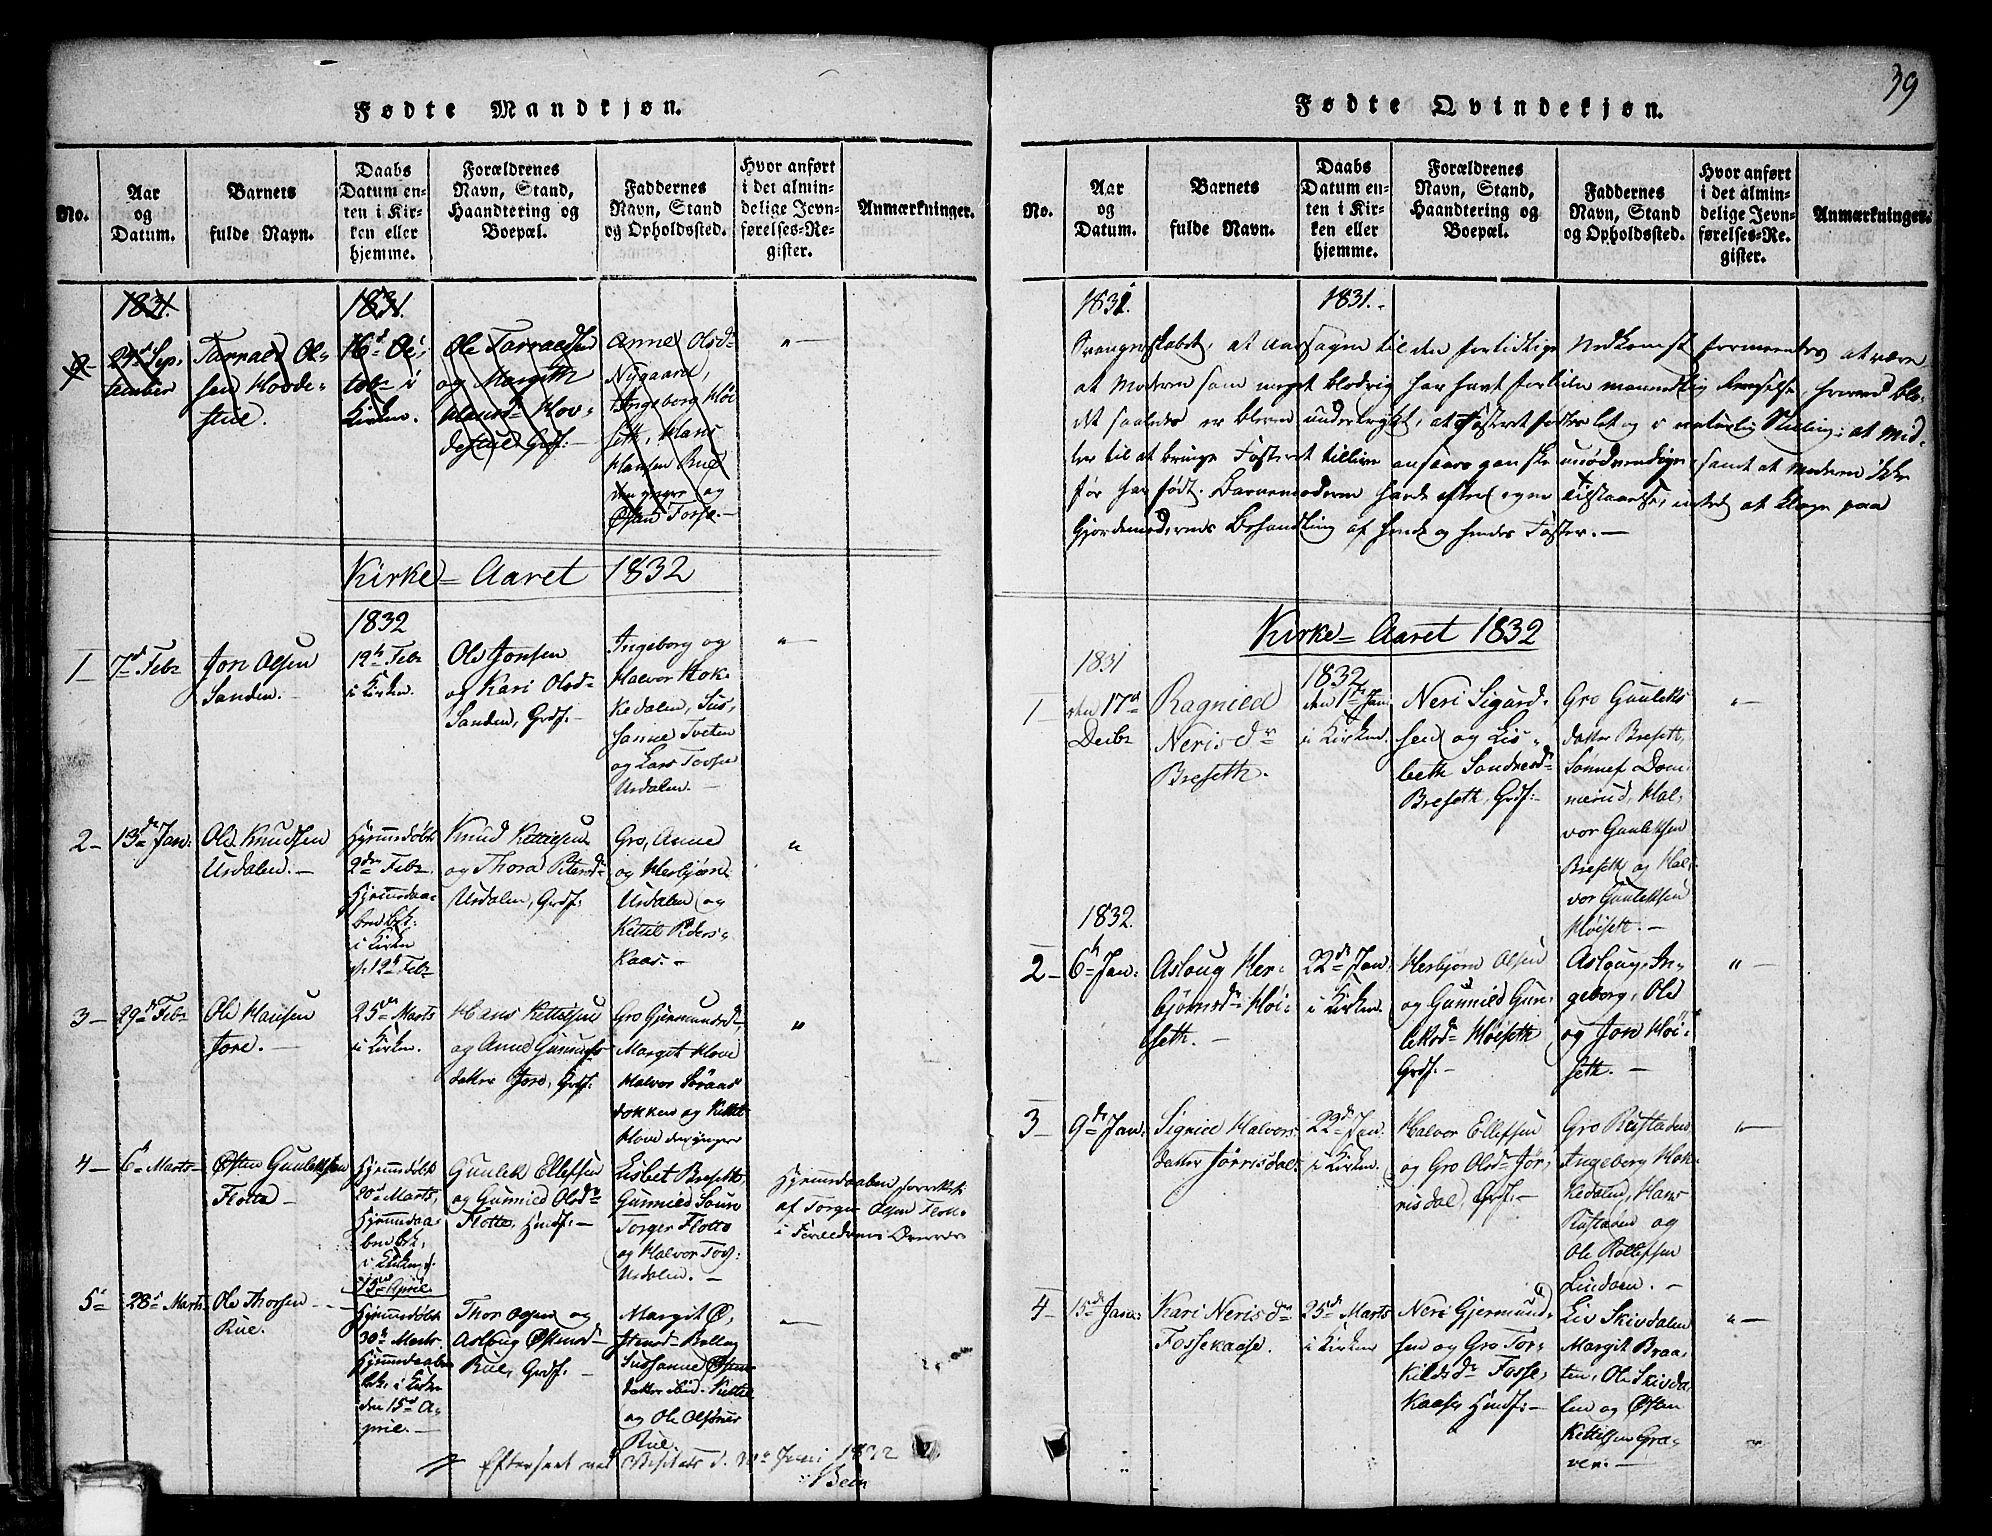 SAKO, Gransherad kirkebøker, G/Gb/L0001: Klokkerbok nr. II 1, 1815-1860, s. 39